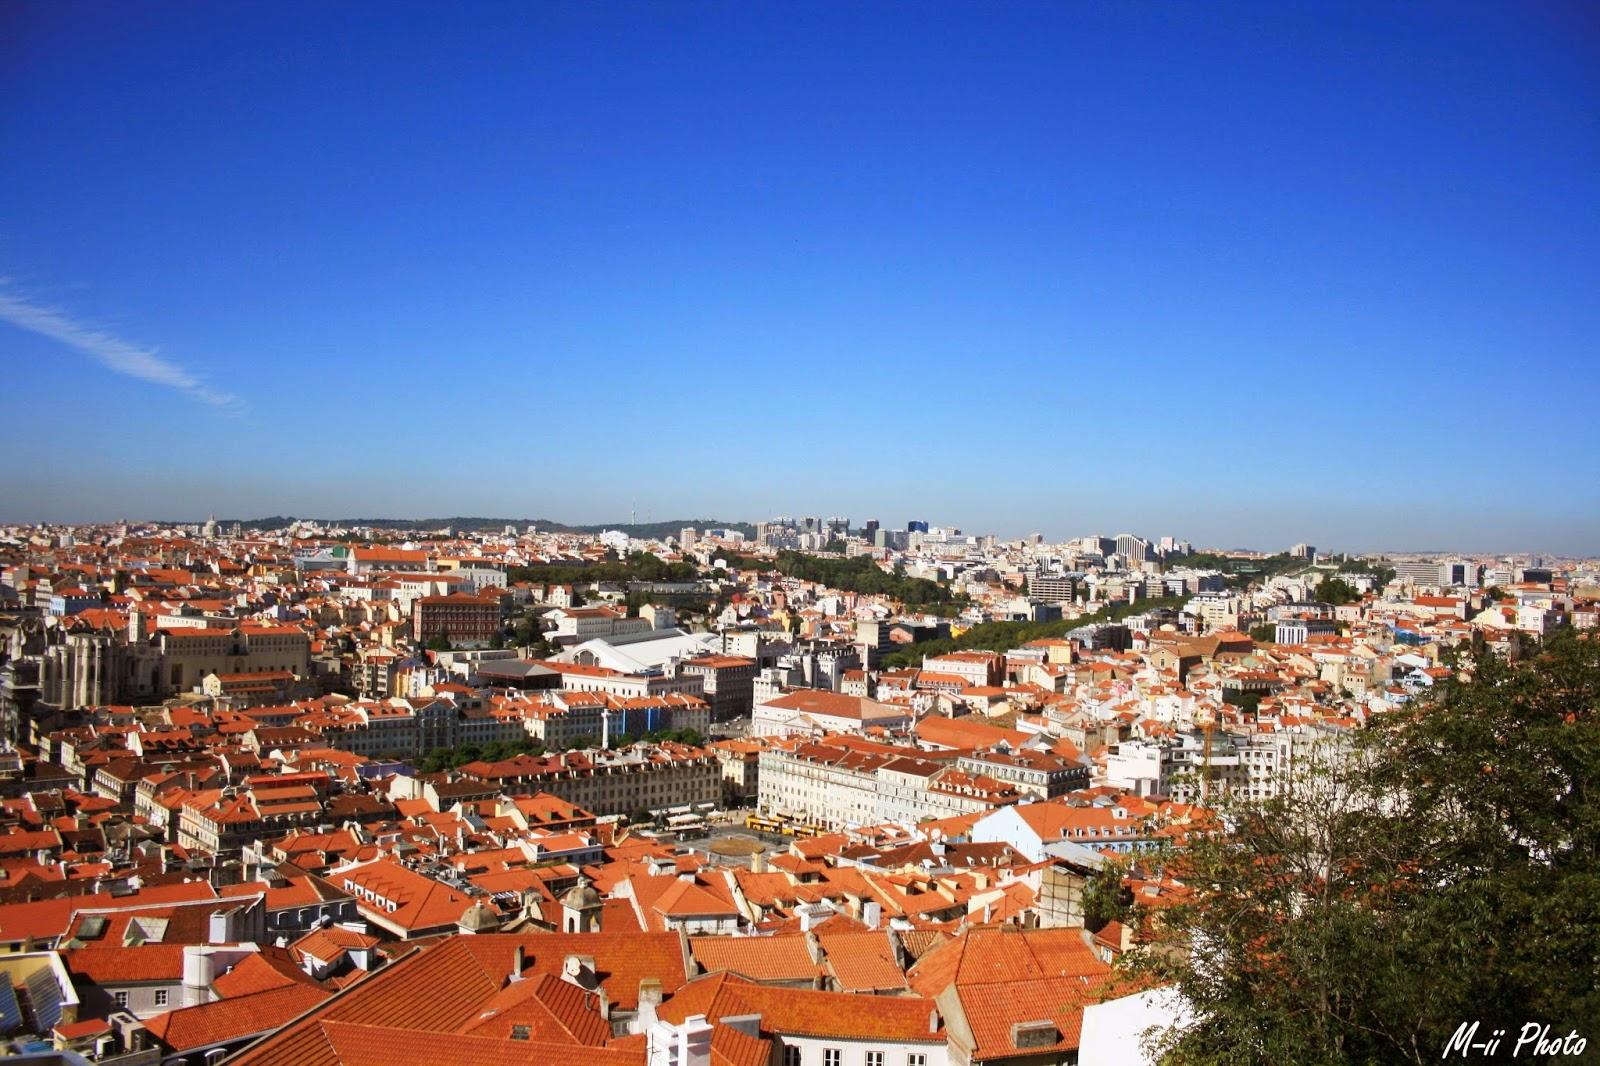 M-ii Photo : 10 choses à faire à Lisbonne Château de Saint Georges